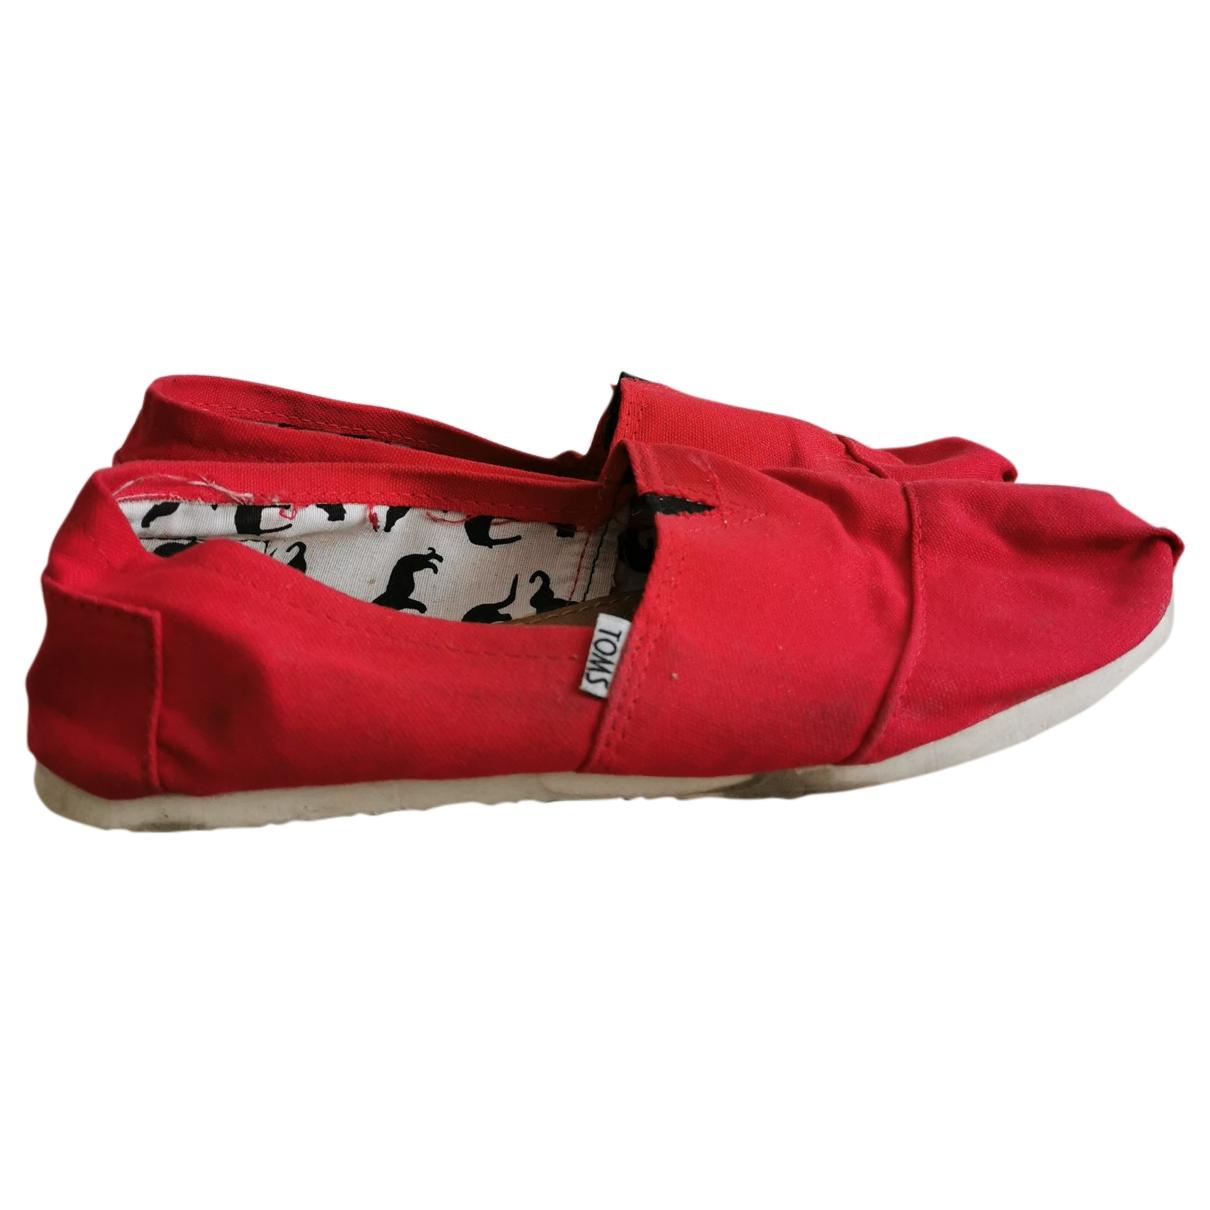 Toms - Espadrilles   pour femme en toile - rouge